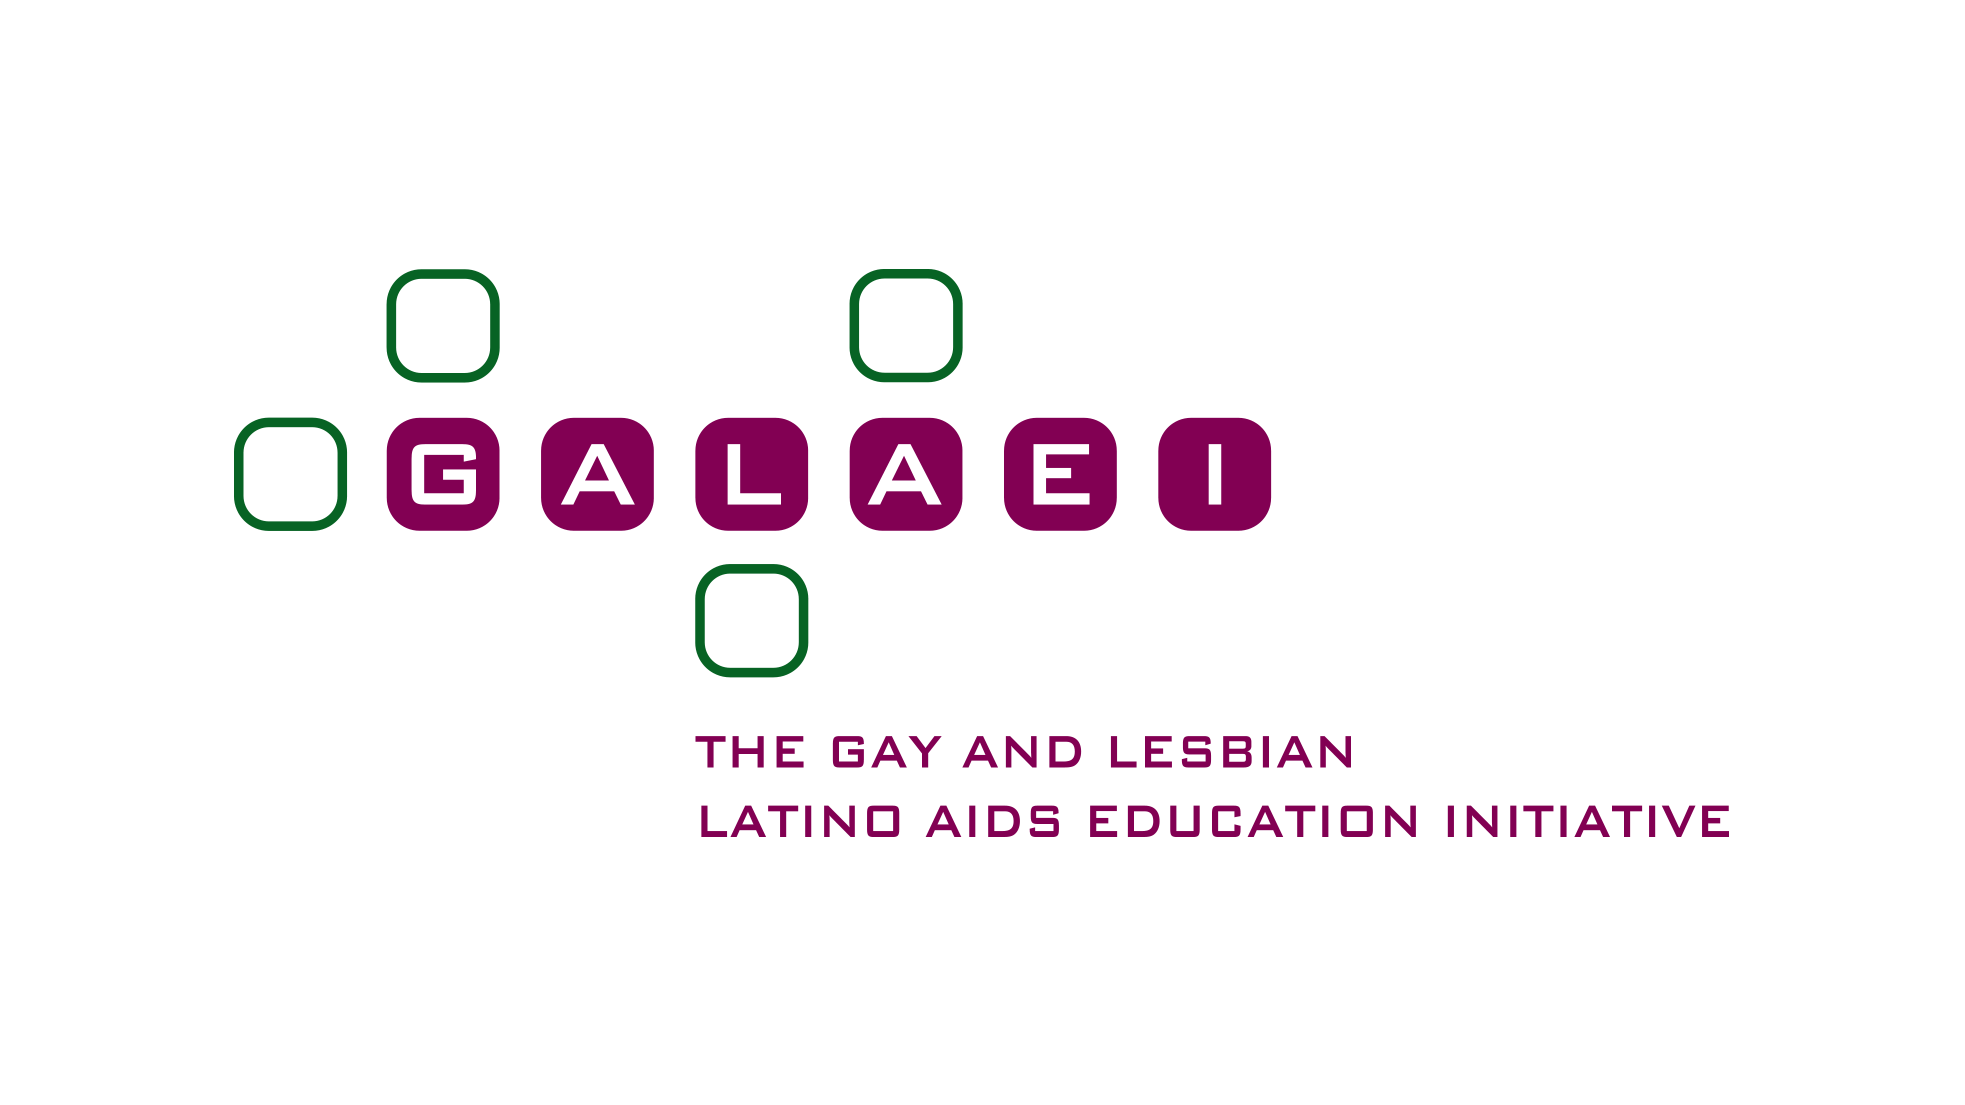 GALAEI logo